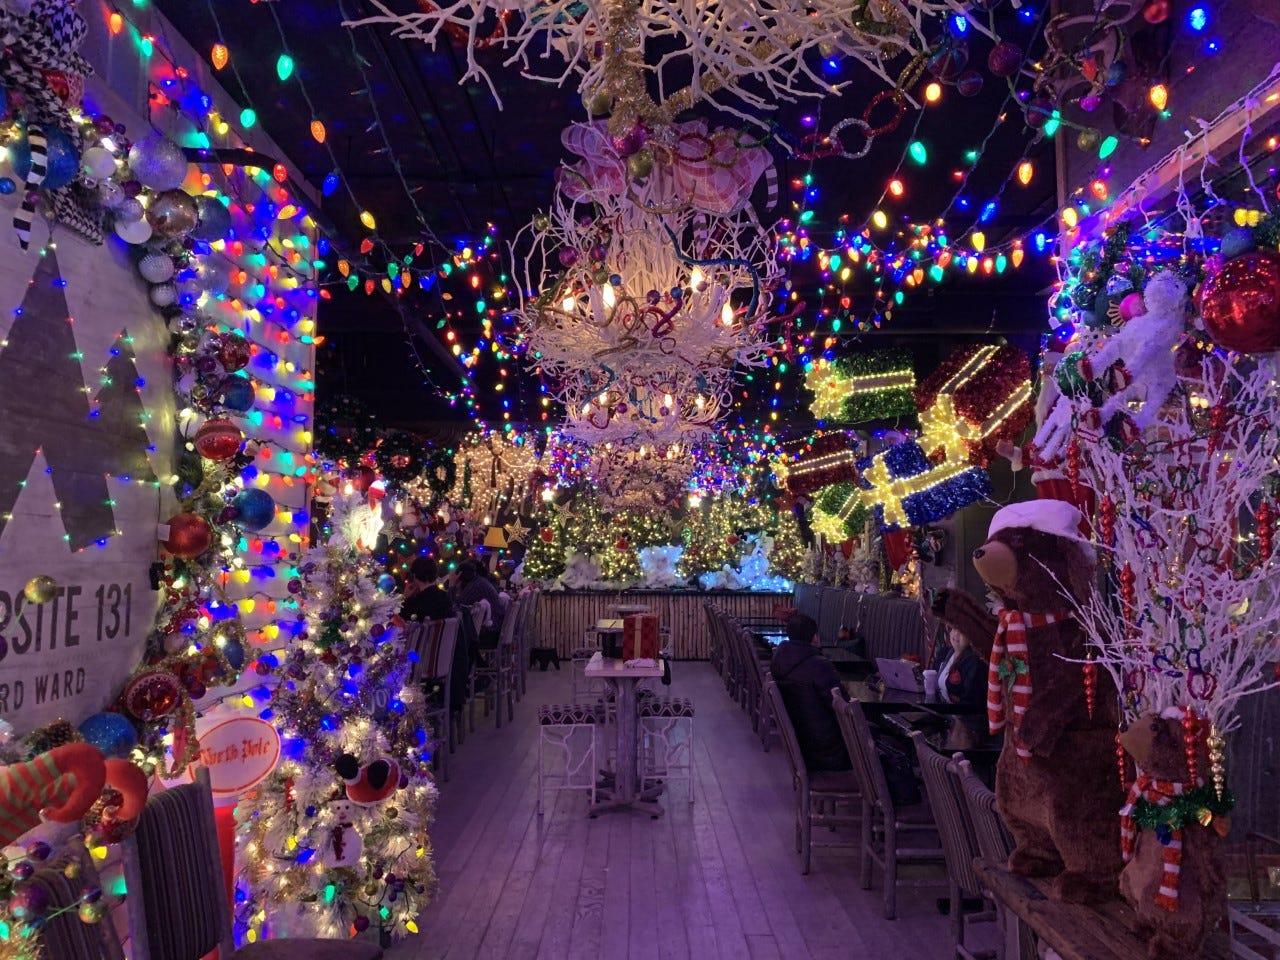 Is-7 2021 Christmas Camo Milwaukee Christmas Bars 7 Pop Up Bars And Bar Crawls For The Holiday